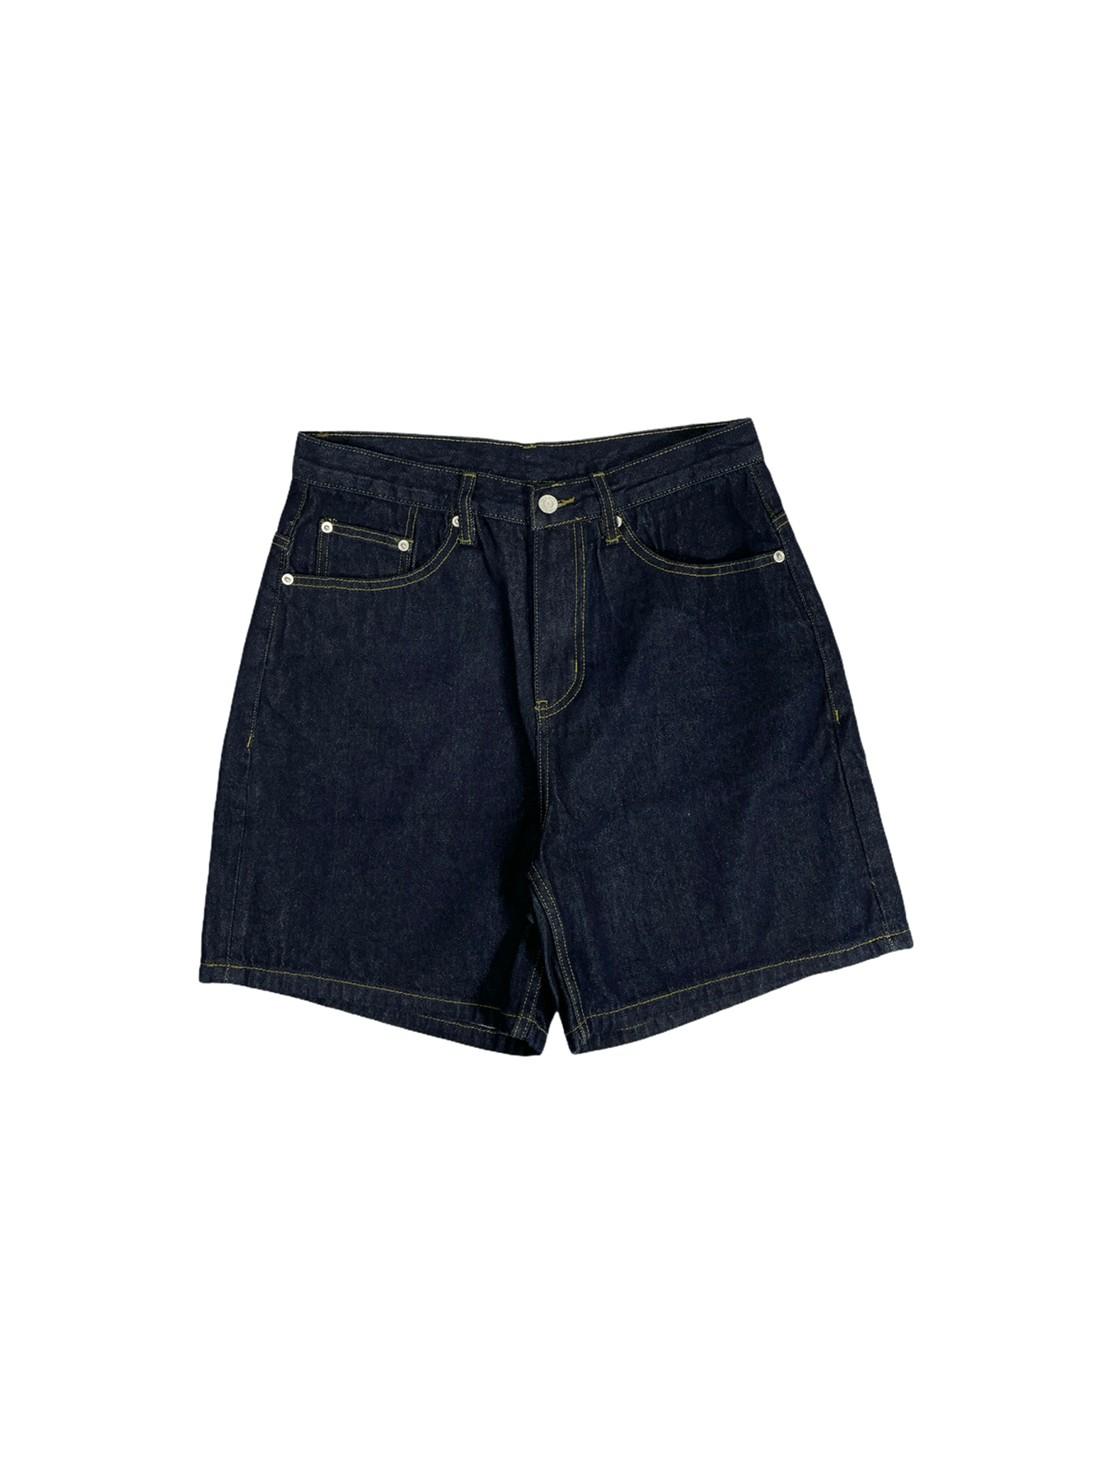 Short Jeans (Jeans)